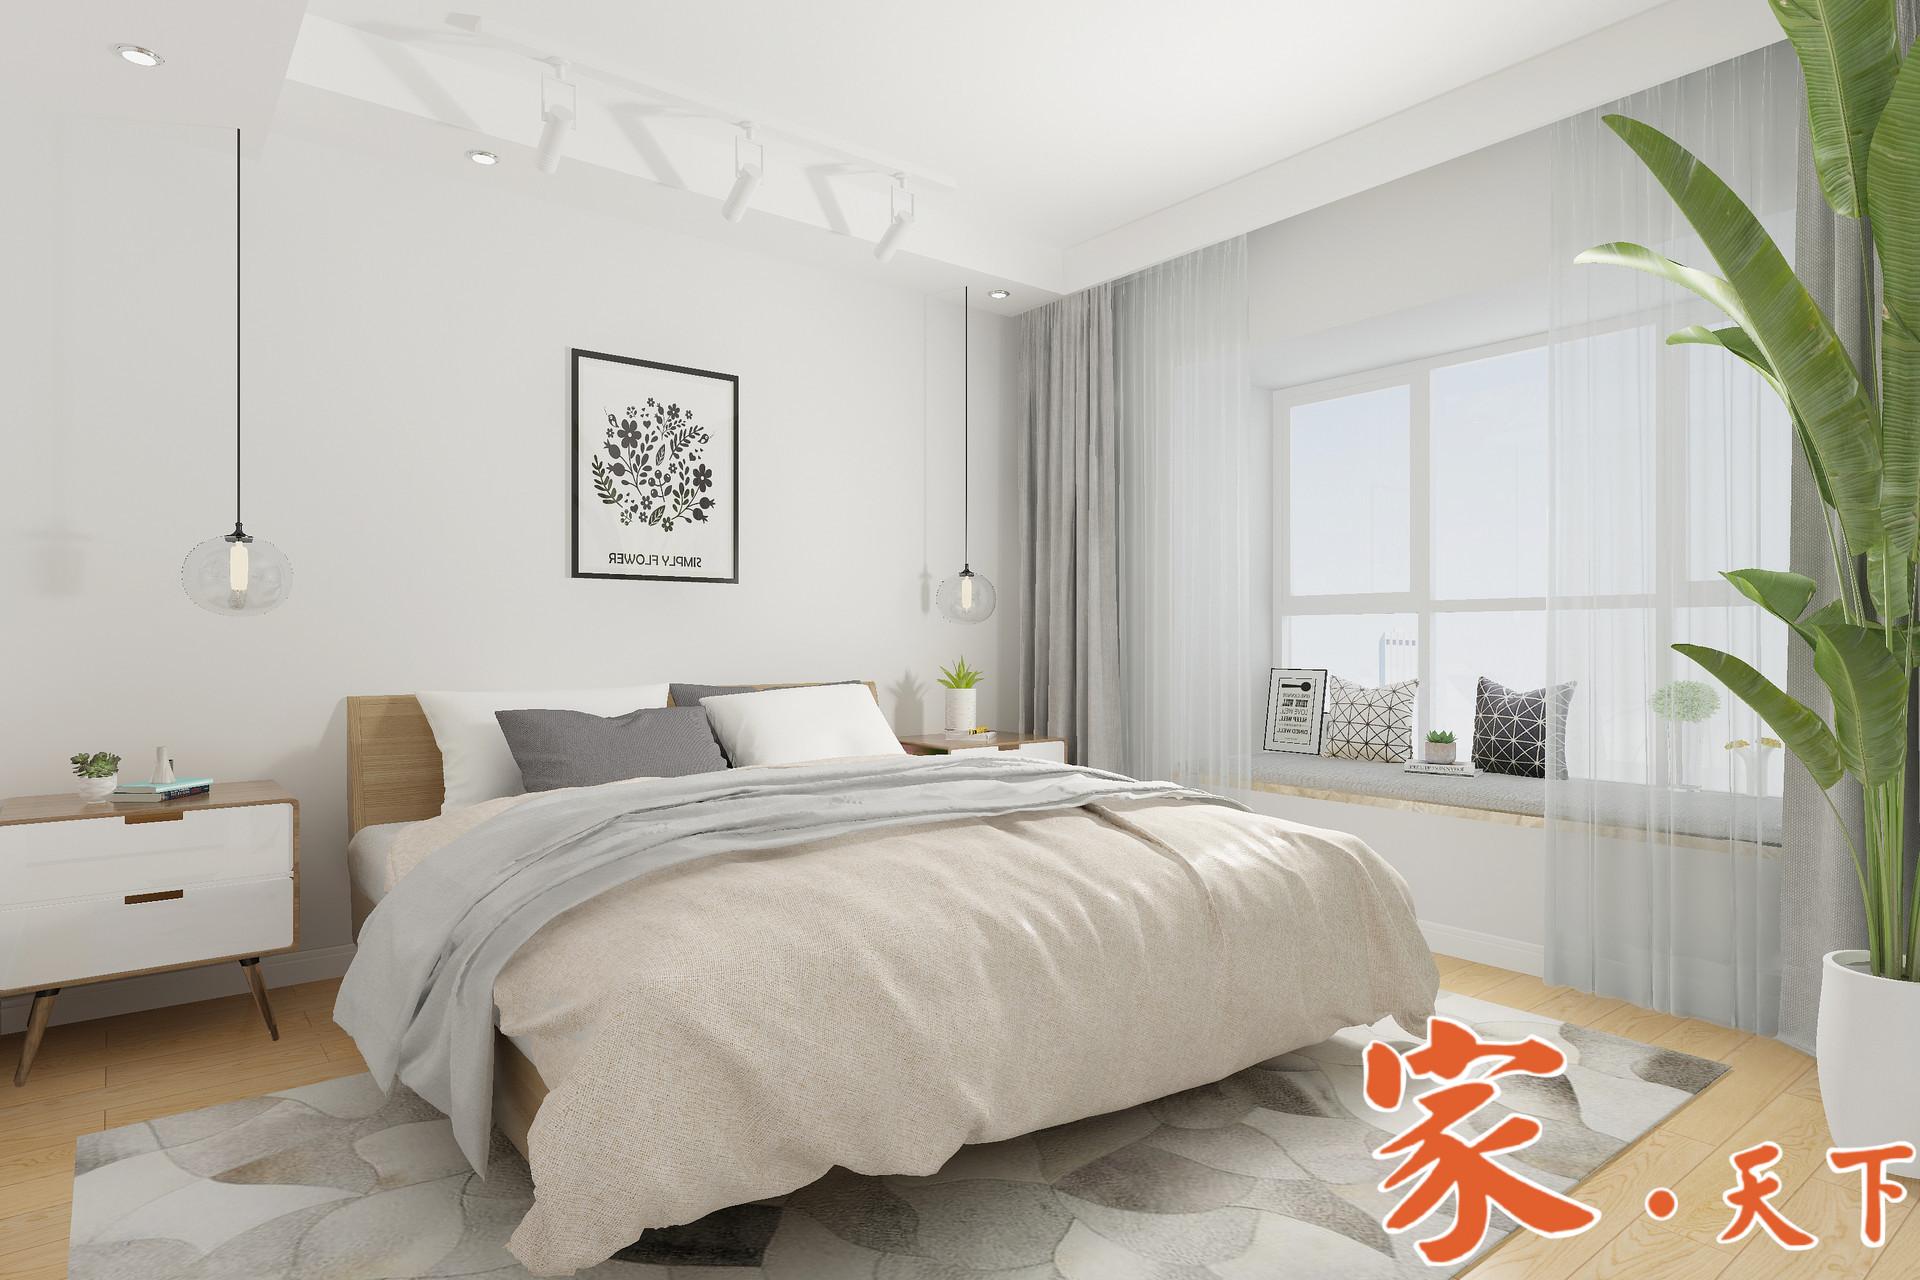 纽约御家装潢,位于纽约布鲁克林,专为纽约华人朋友服务。服务范围主要有:庭院改造、内外翻新、居家工程、土木水电等装修工程。